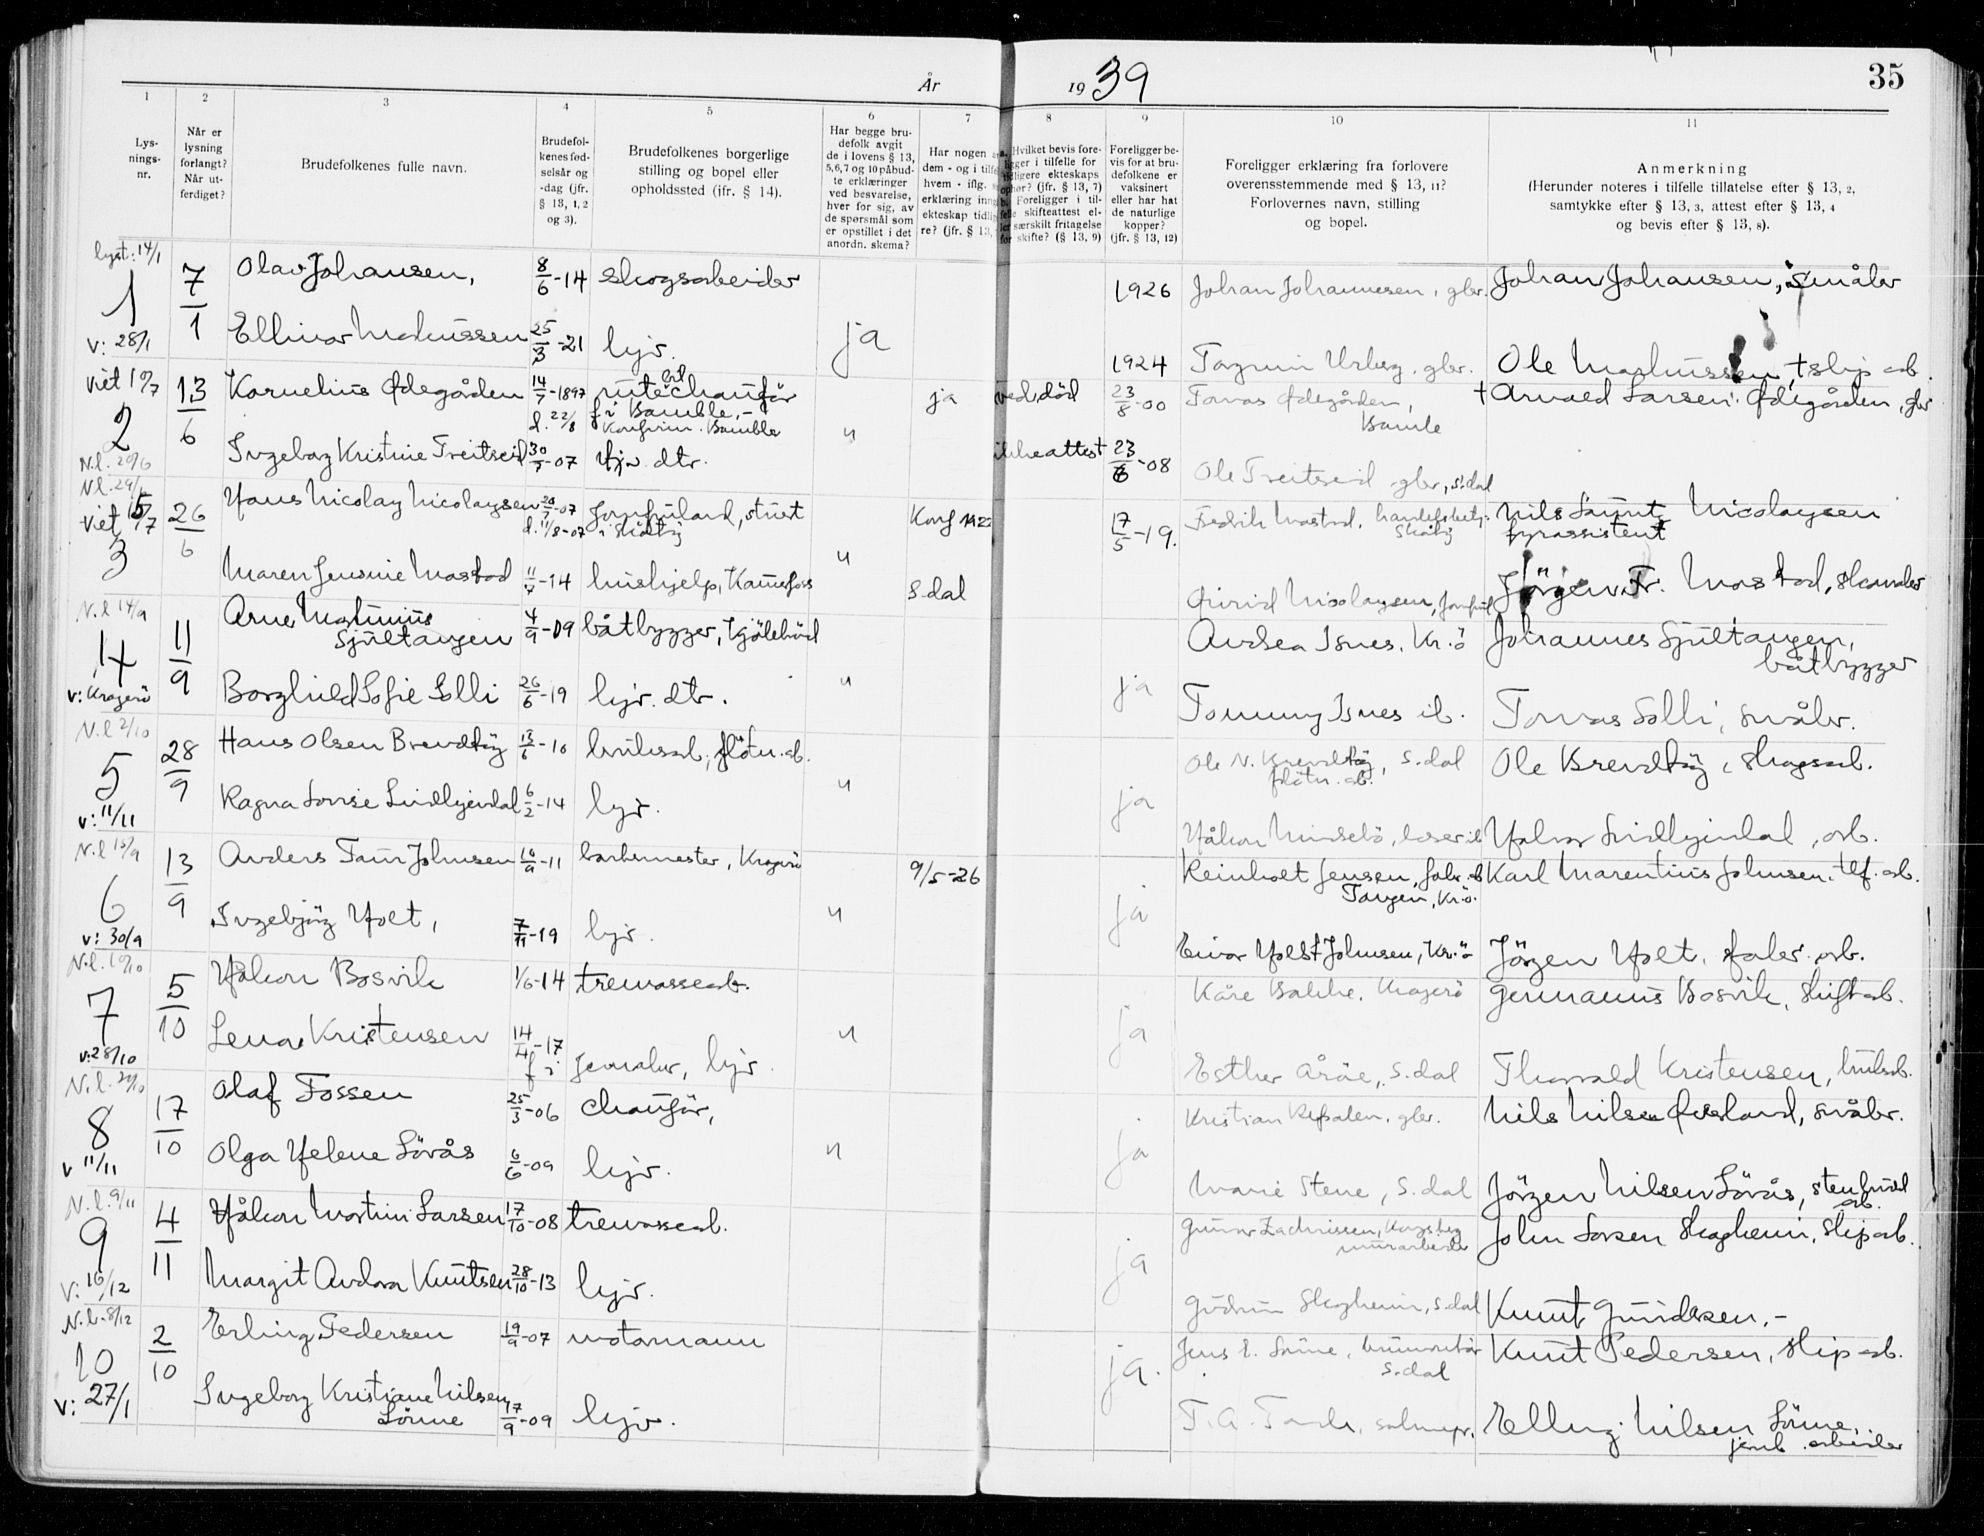 SAKO, Sannidal kirkebøker, H/Ha/L0002: Lysningsprotokoll nr. 2, 1919-1942, s. 35